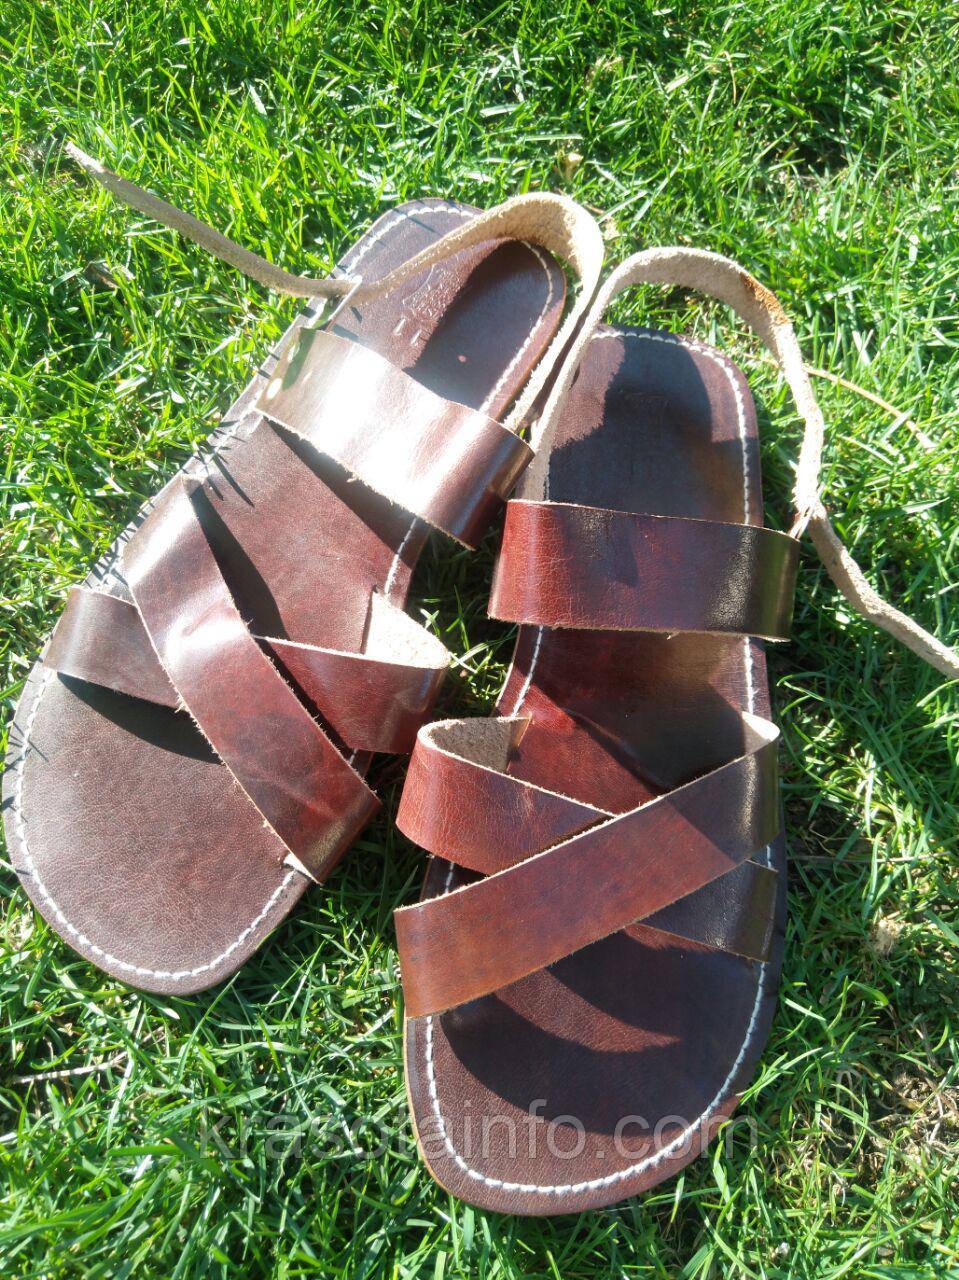 Сандалии мужские кожаные. Выбор размеров.  Босоножки, сандали натуральная кожа , фото 1